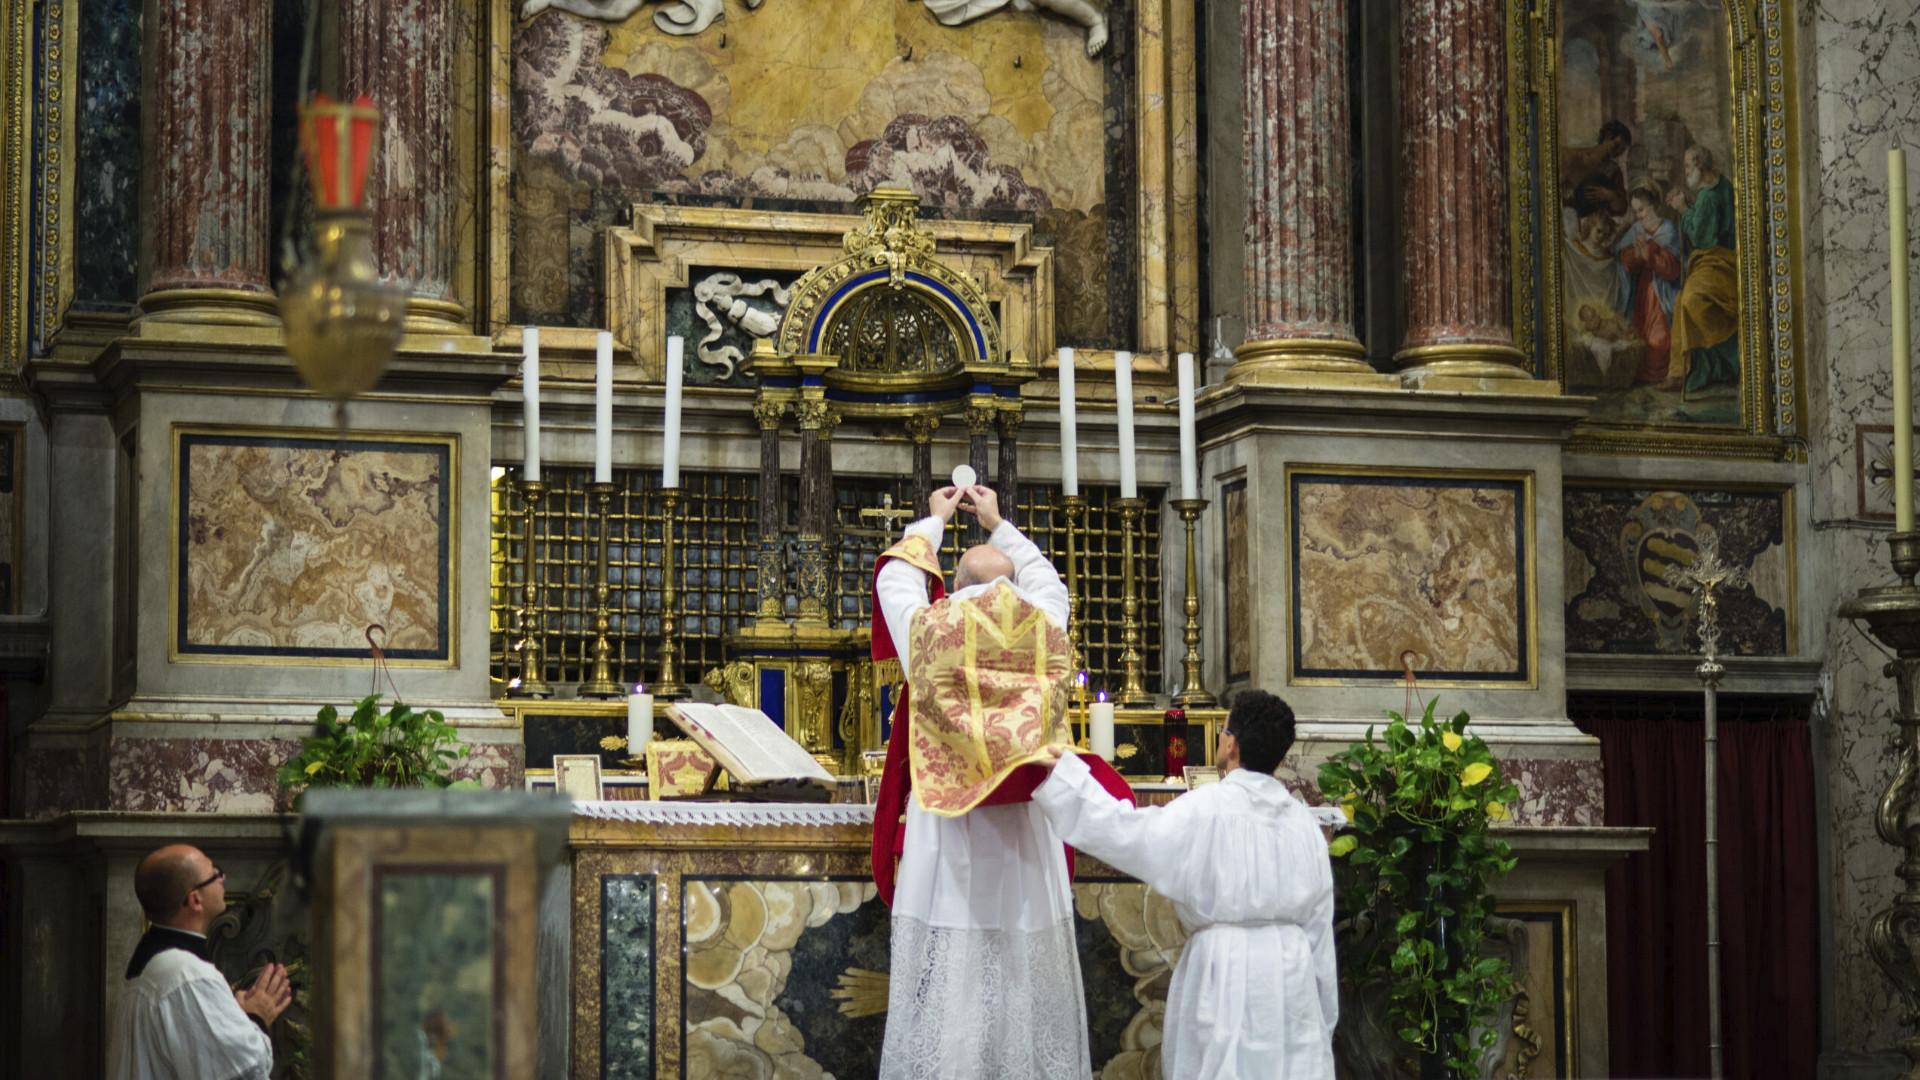 Ir a misa (en latín)